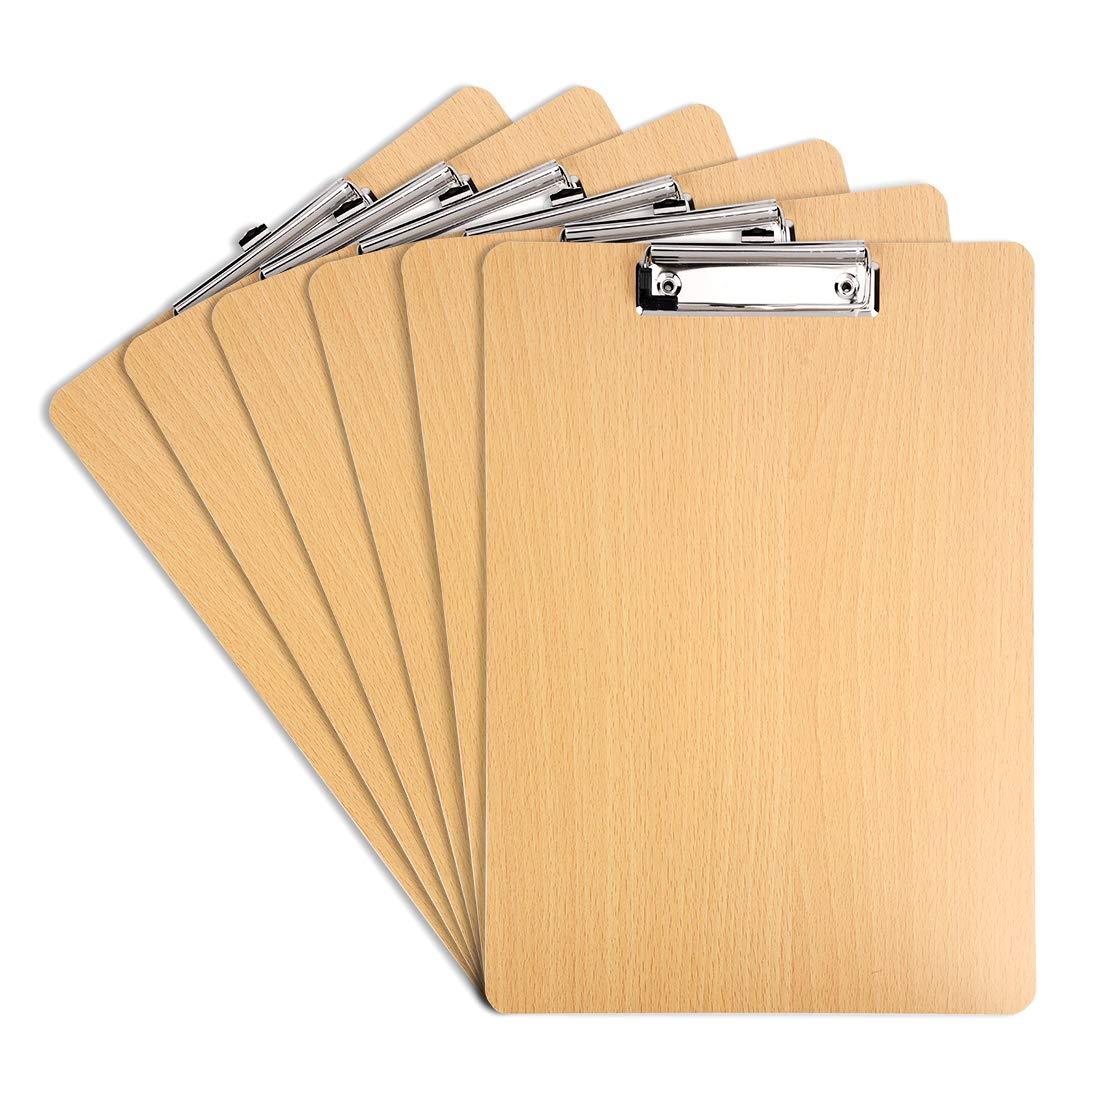 Tovee 6 pezzi Portablocco A4 con Pinza e appeso buca Cartella Porta Documenti A4 Appunti con clip per ristorante affari ufficio